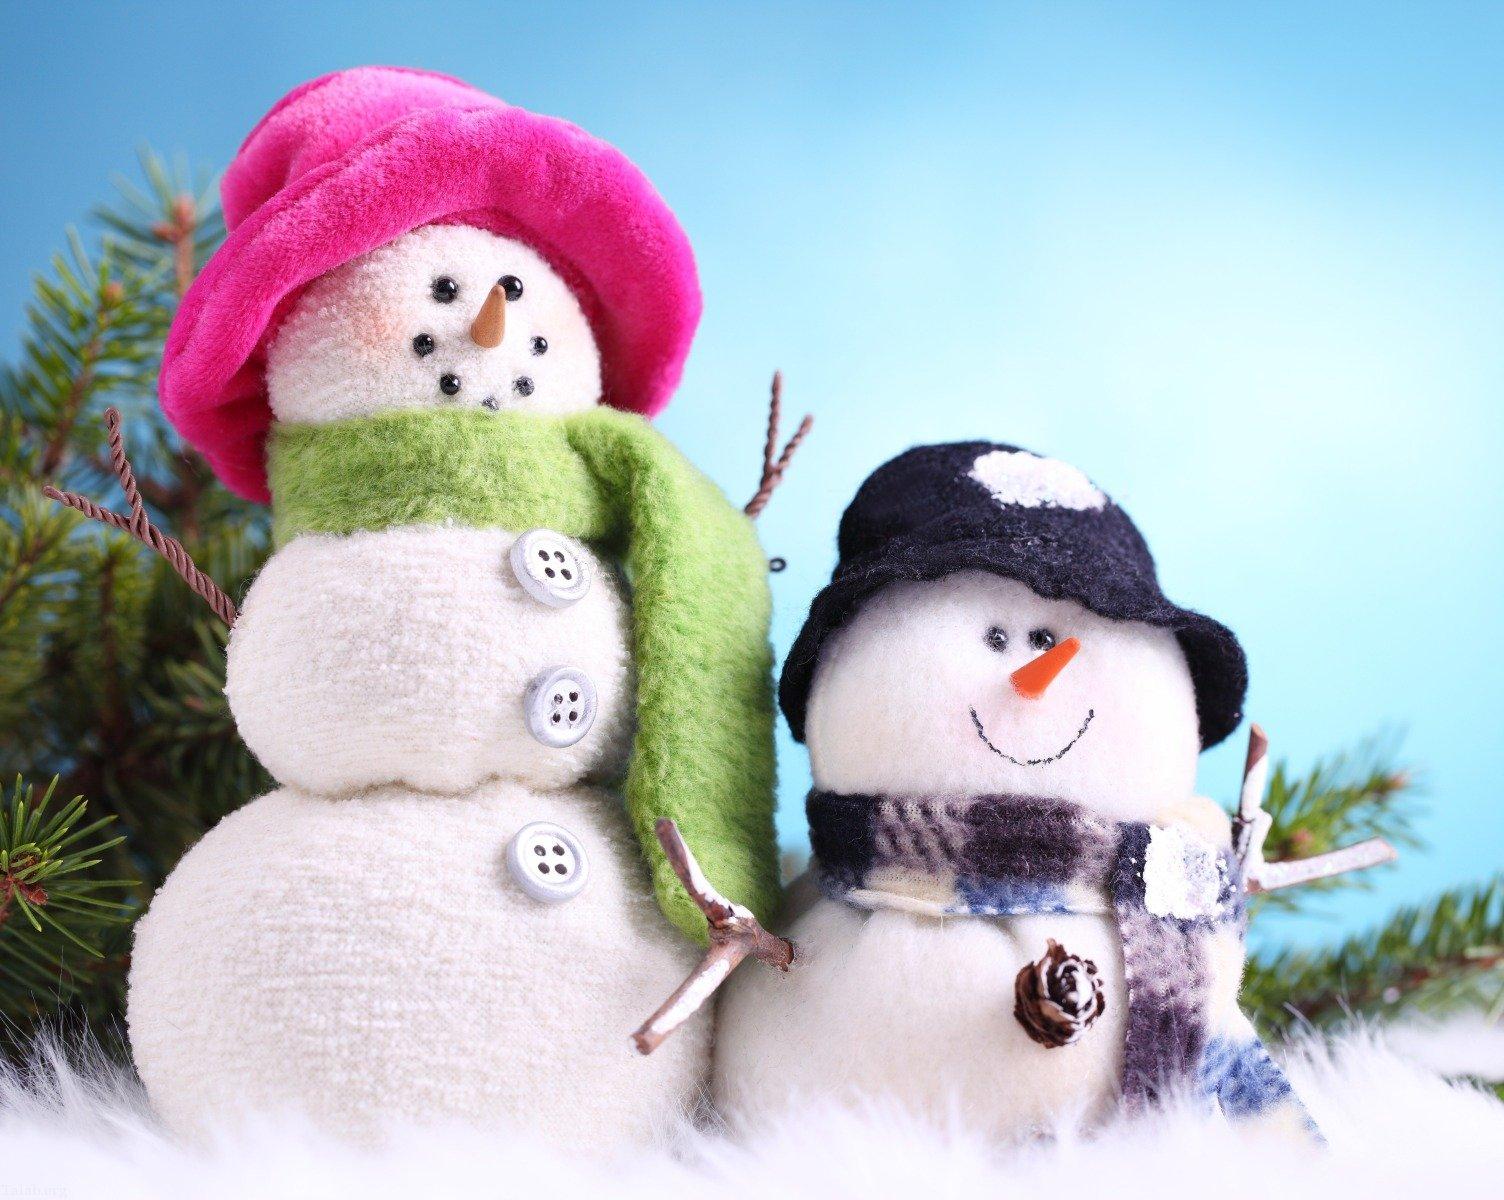 اس ام اس روزهای هوای سرد و برفی زمستان